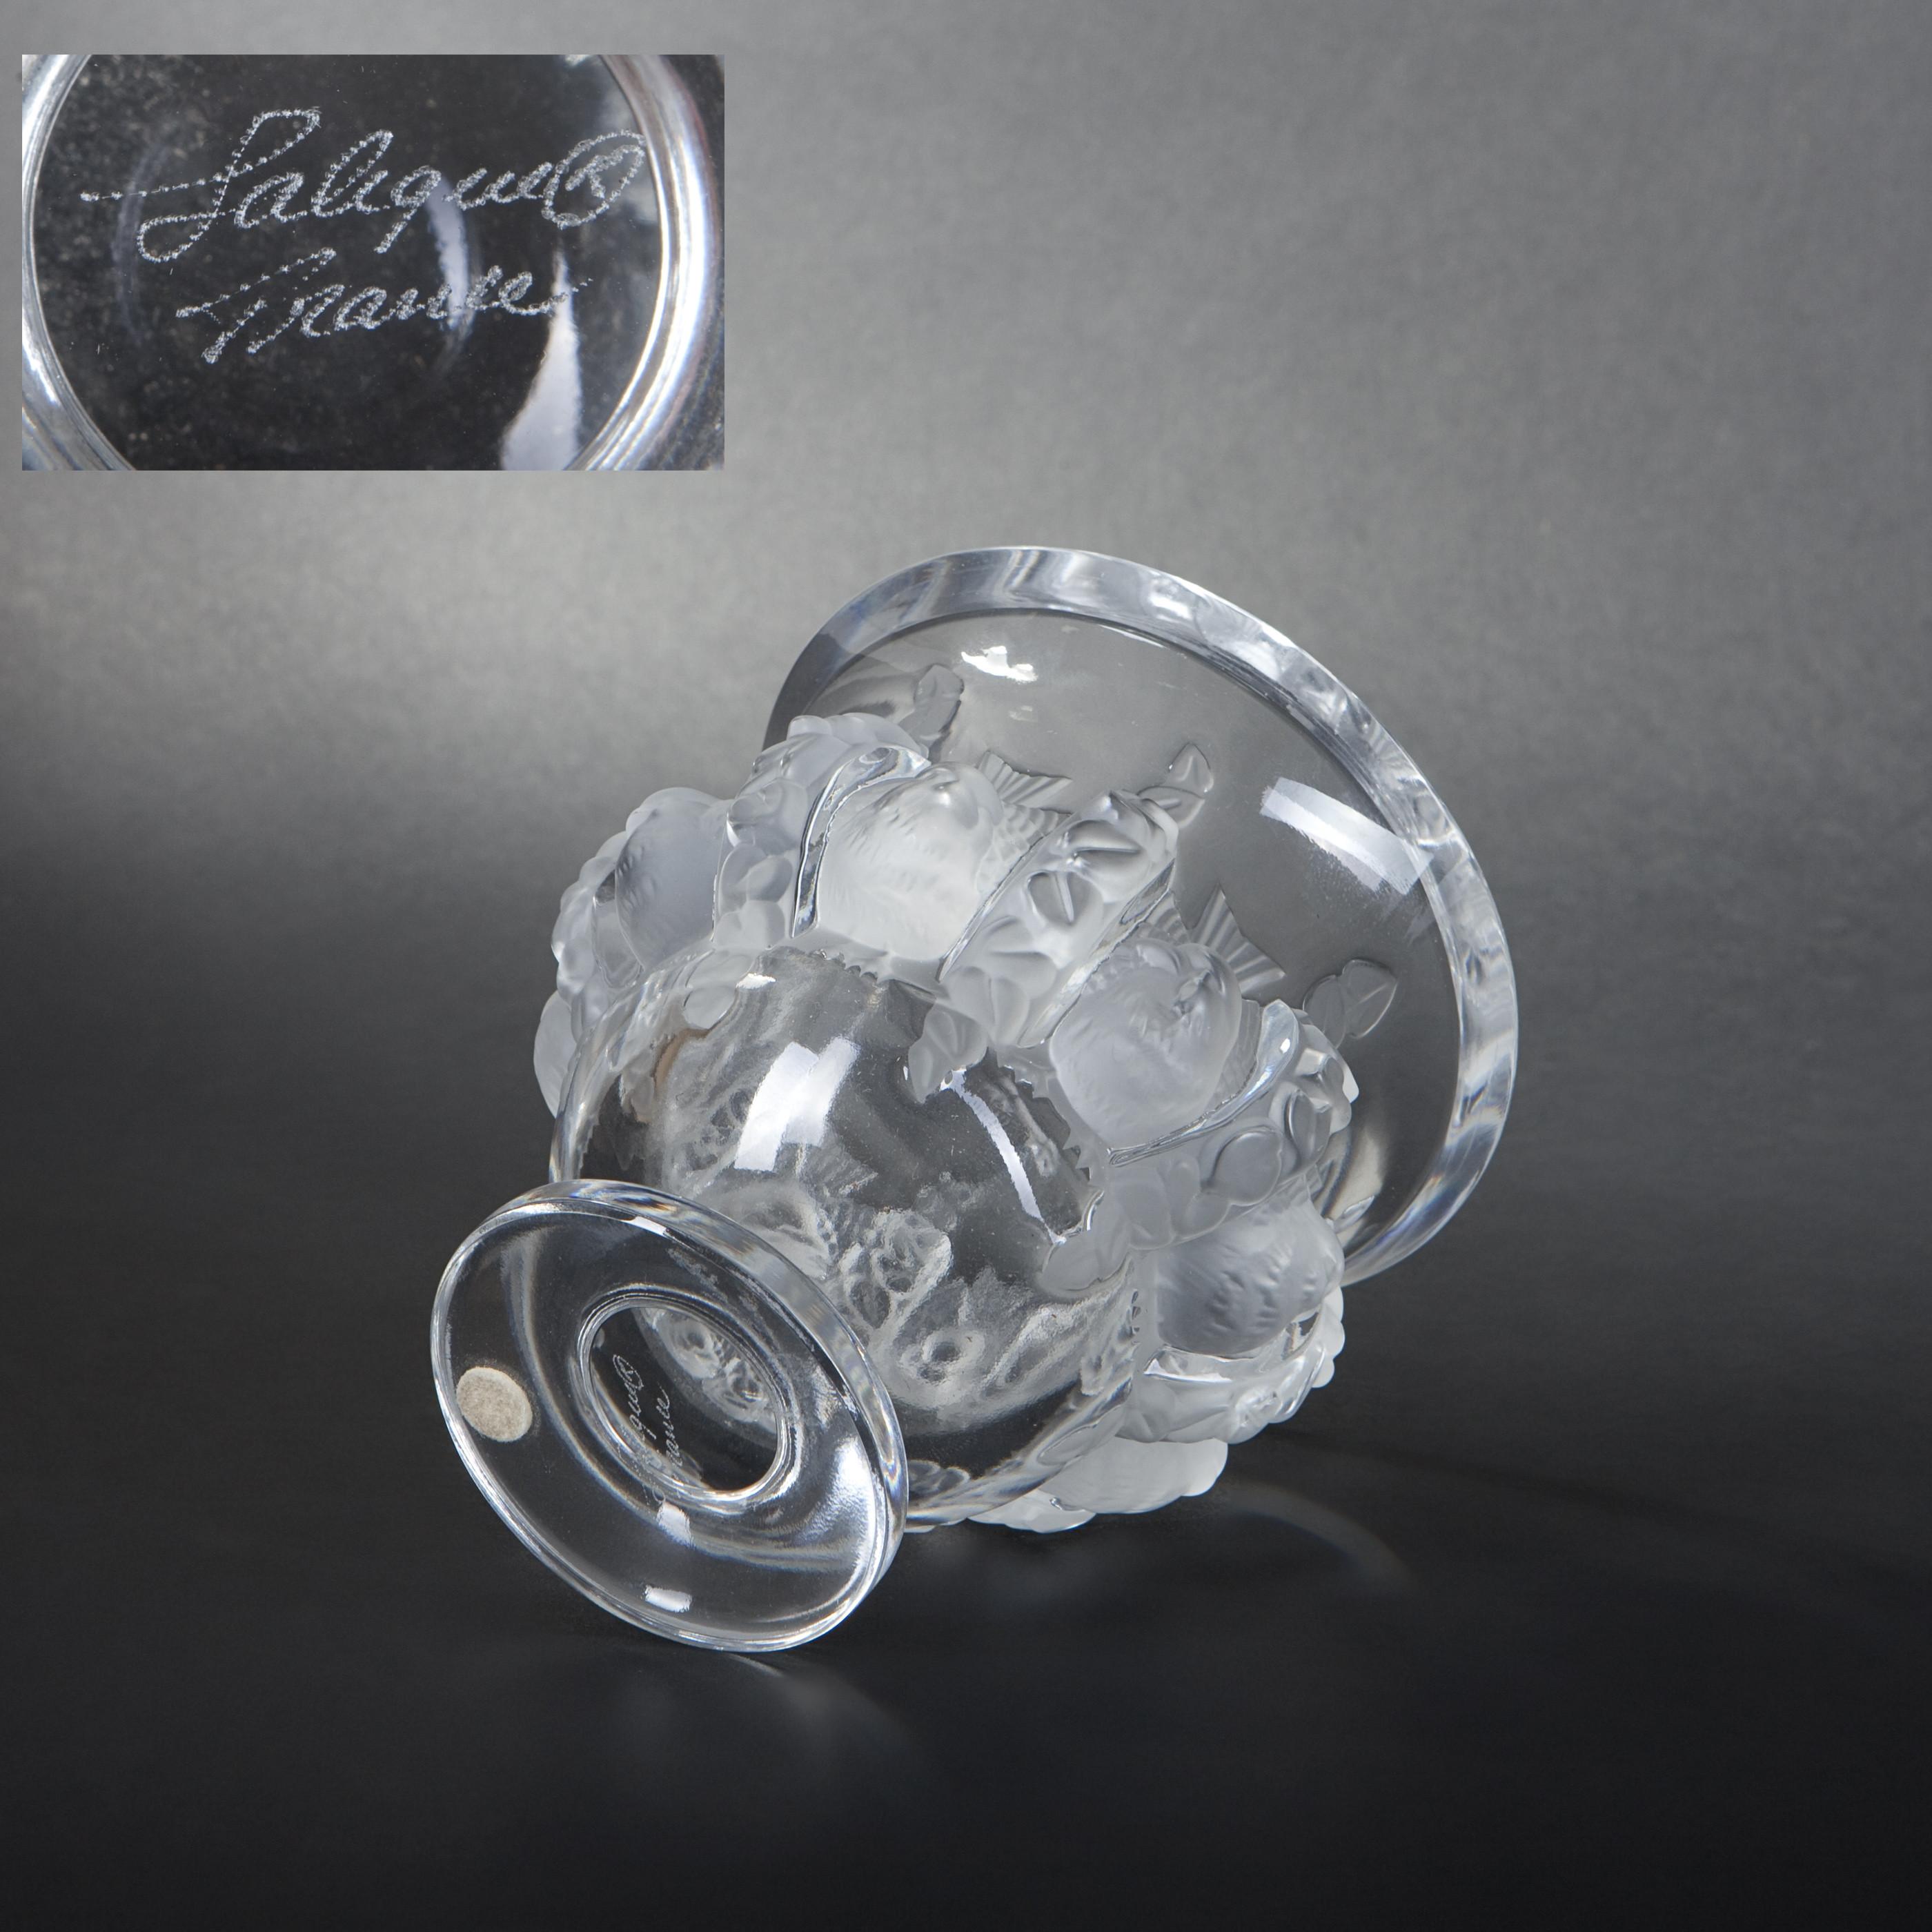 lalique crystal dampierre vase of lalique france dampierre model vase expertissim regarding dampierre model vase a· lalique france dampierre model vase